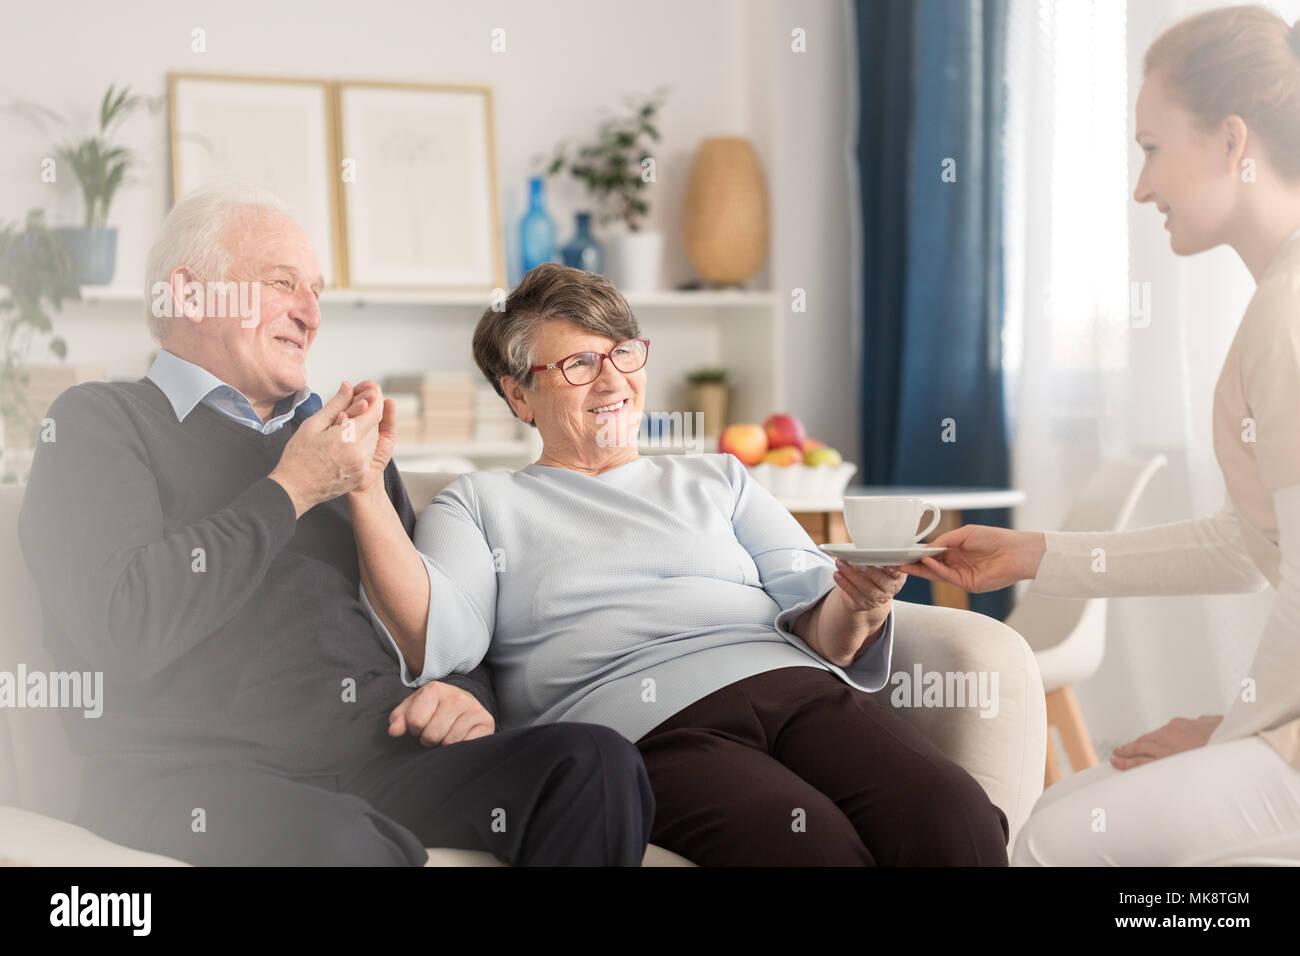 Les jeunes de cœur émotionnel senior couple holding hands while sitting on sofa et d'être servi par un soignant une tasse de thé dans une salle de séjour ensoleillée à ho Photo Stock